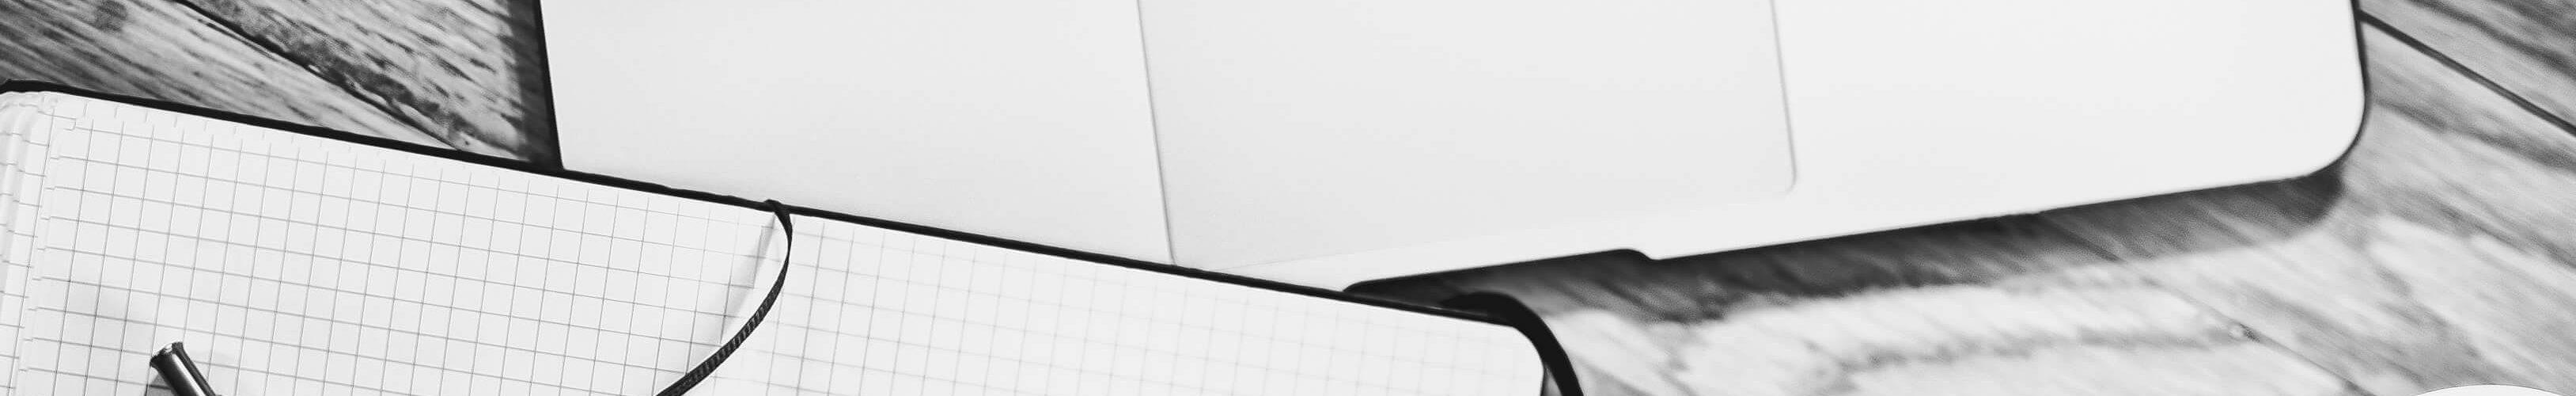 Schwarz-Weiß Laptop